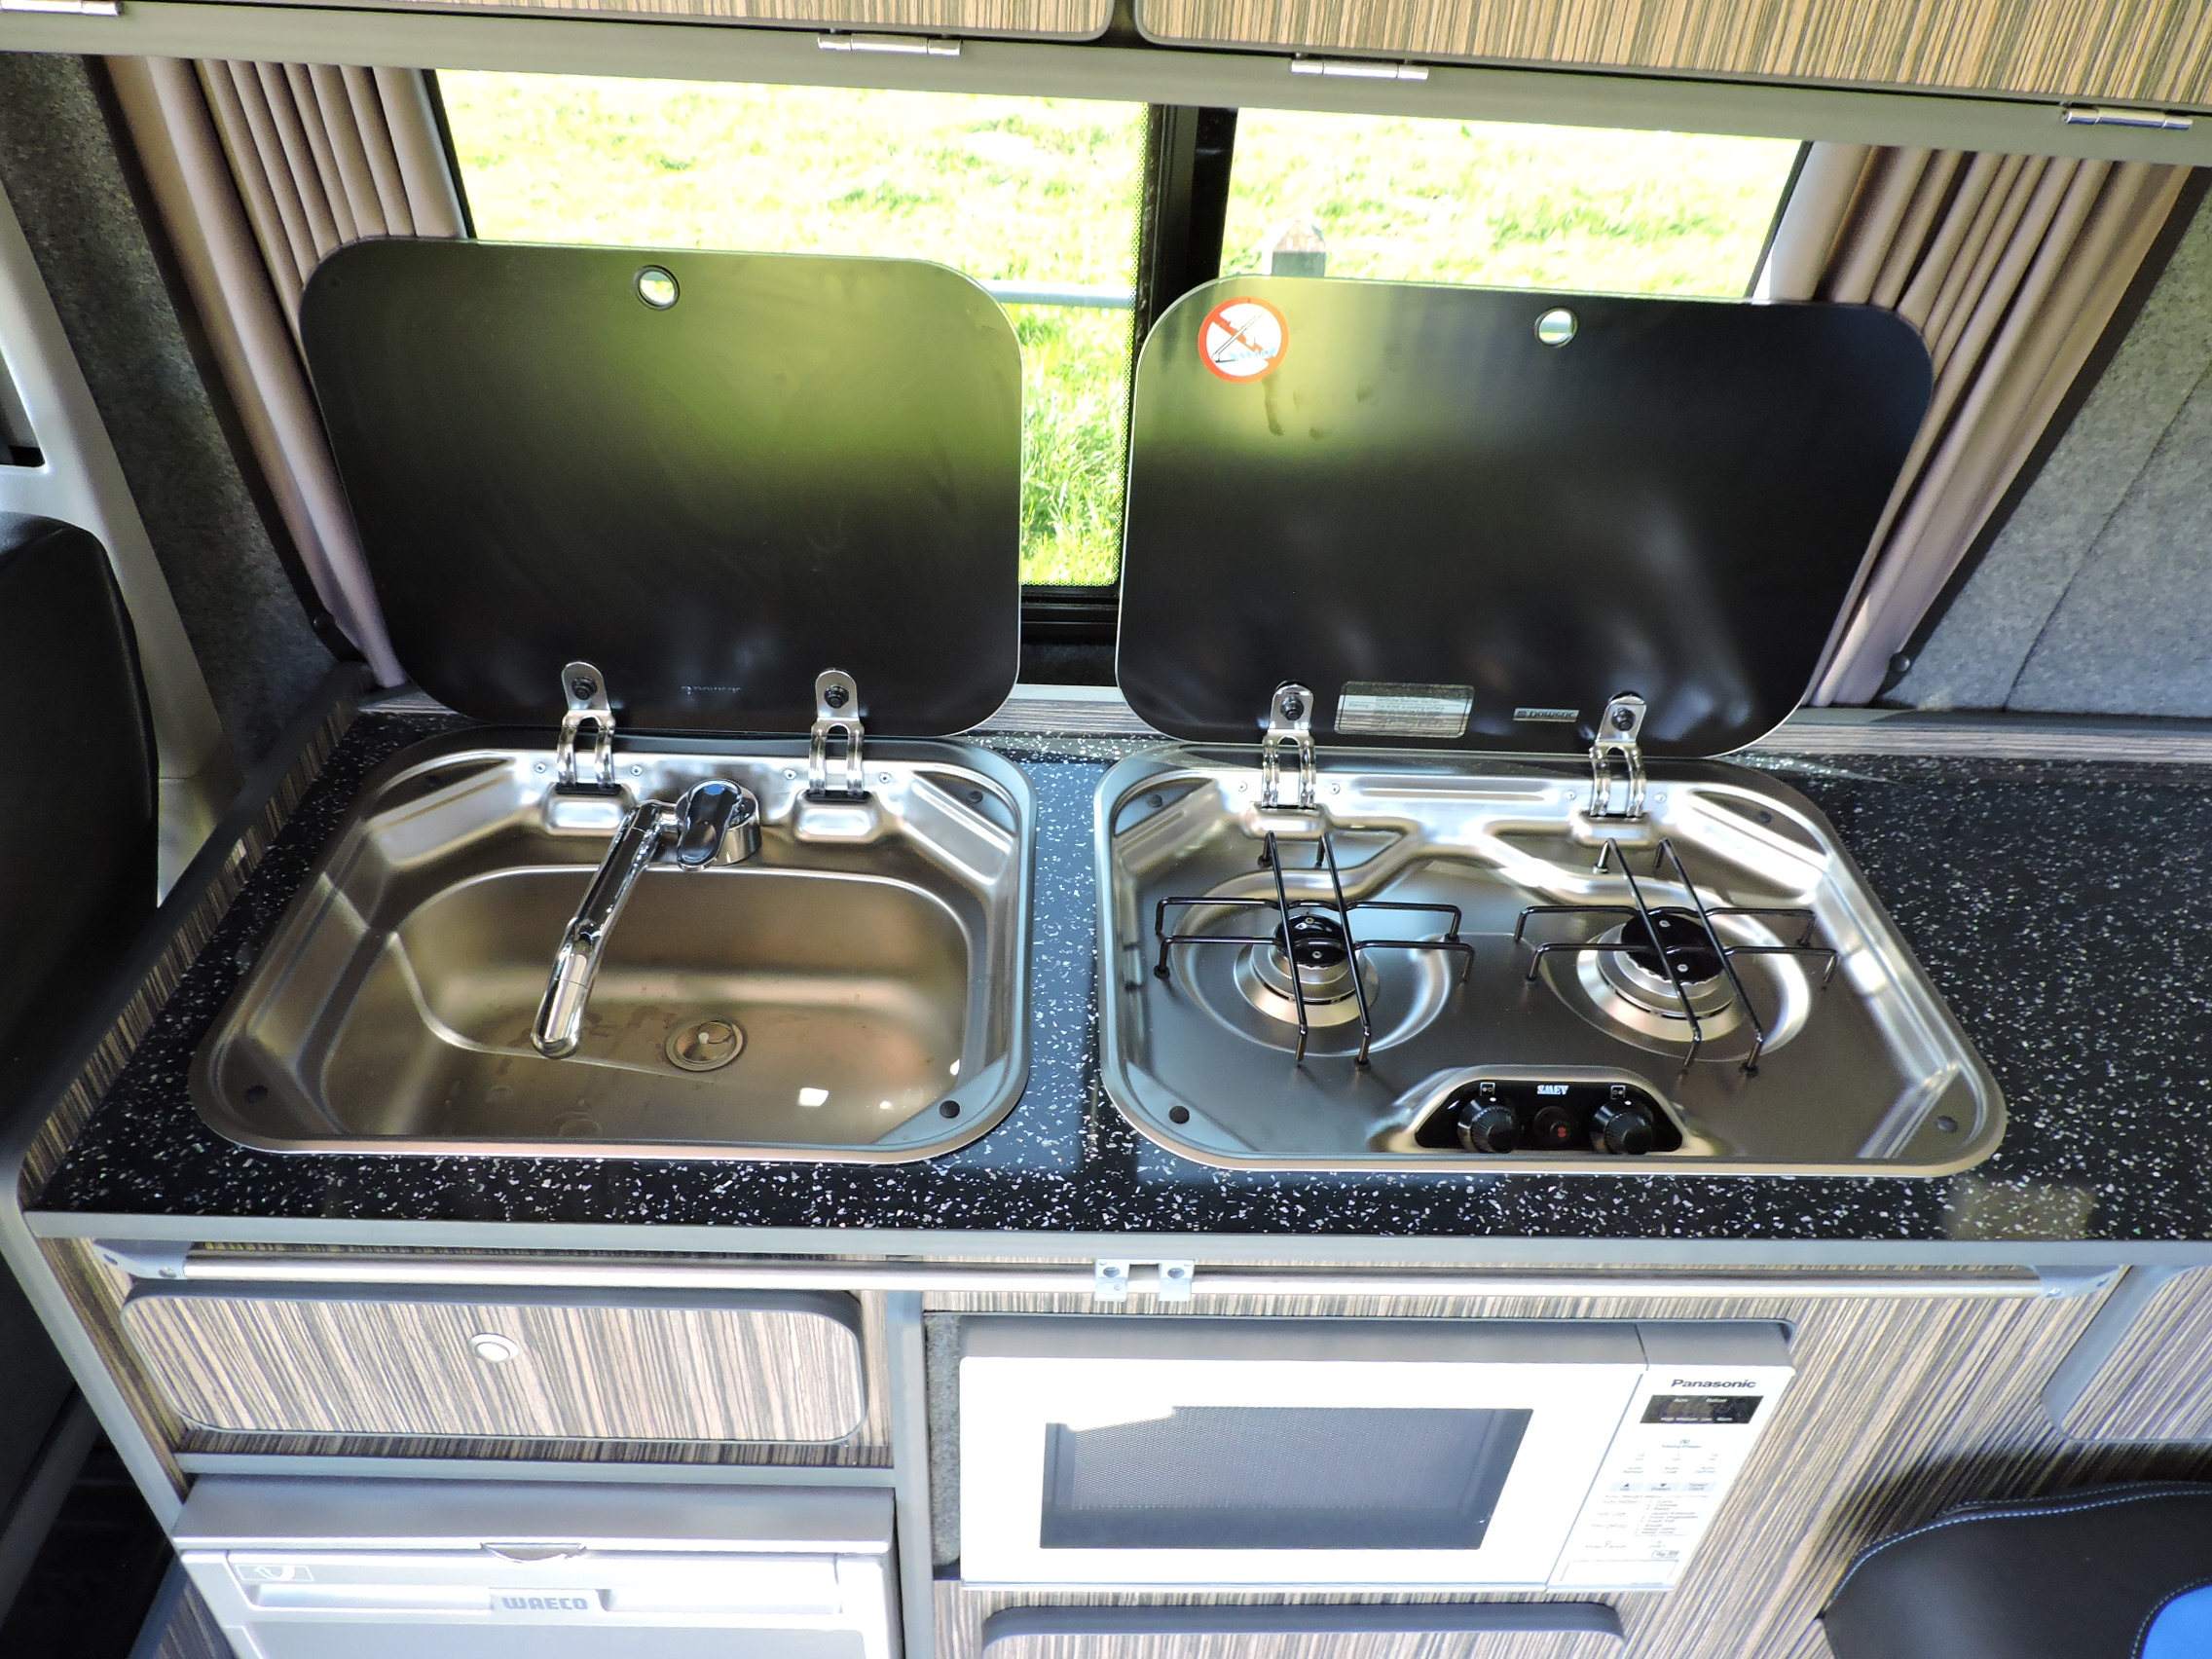 Cooking in VW campervan